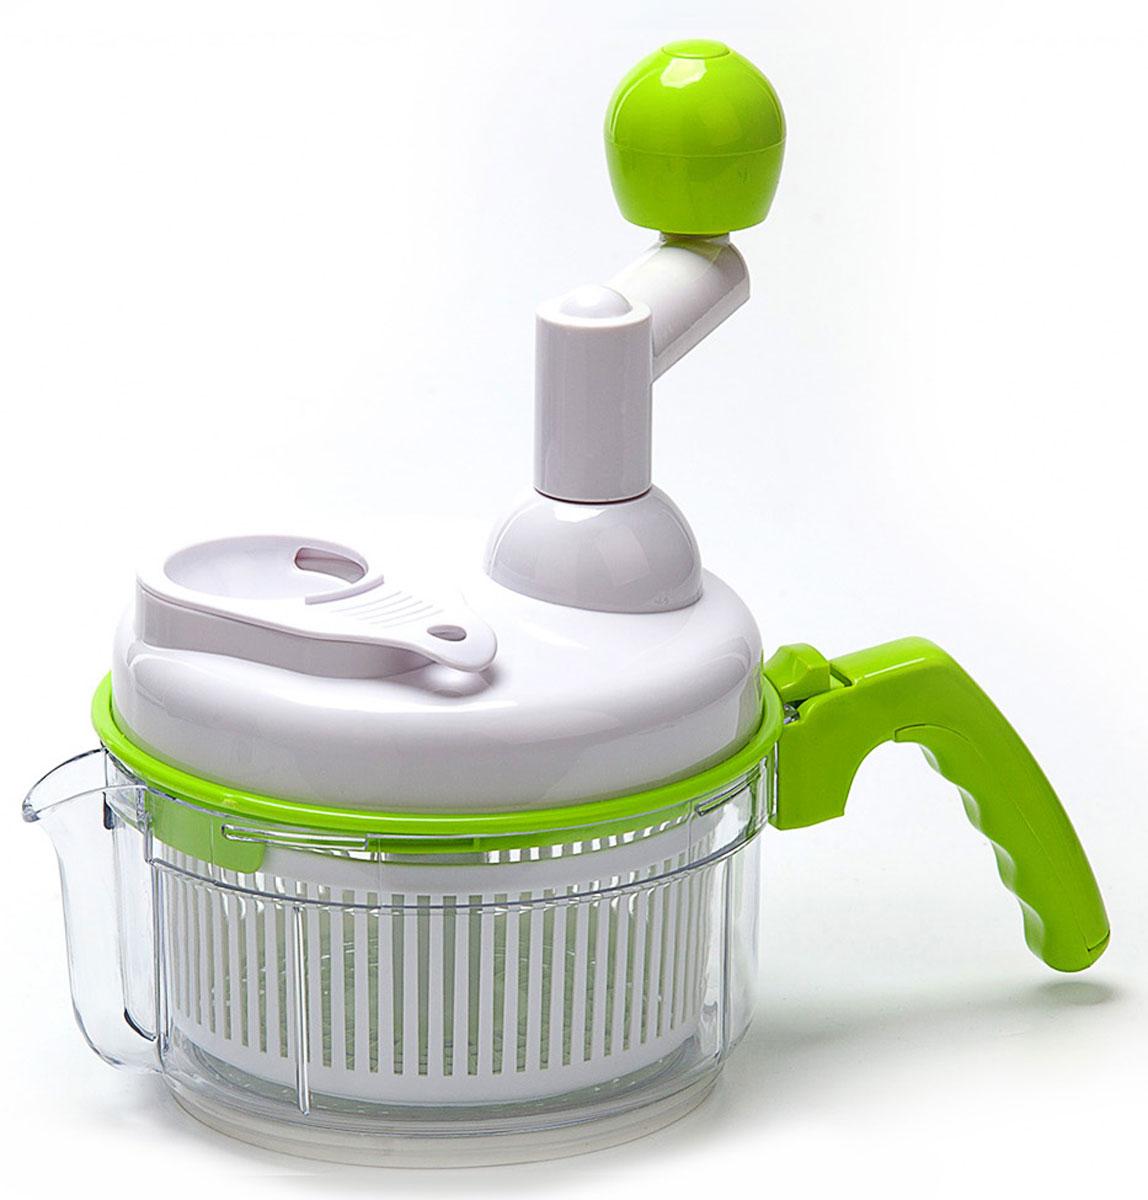 Комбайн кухонный механический «МУЛЬТИ МАСТЕР» BRADEX, TK 0145TK 0145Больше нет необходимости в использовании огромного количества кухонных приспособлений! Комбайн кухонный механический «Мульти Мастер» может ВСЕ! С ним Вы быстро и эффективно приготовите любой фарш или пюре, измельчите овощи и фрукты, замесите тесто или взобьете омлет, сделаете соусы, крем для тортов и даже самые удивительные коктейли, испечете безе таким образом, чтобы даже капелька желтка не попала в массу, приготовите салат с нежнейшей зеленью и вымоете даже самые капризные ягоды, не испортив их, ожидая, пока стечет вода. Преимущества: • Легко хранить и мыть • Никакой грязи, никакого беспорядка, лишь идеальный результат • С помощью «Мульти Мастер» одинаково легко измельчить и перемешать продукты, а также взбивать любые кулинарные смеси • Специальная насадка позволит без труда отделить яичный желток от белка, что так важно при приготовлении многих блюд • Благодаря дуршлагу-контейнеру Вам больше не придется ждать, пока продукты высохнут после мытья • Идеально подходит для...